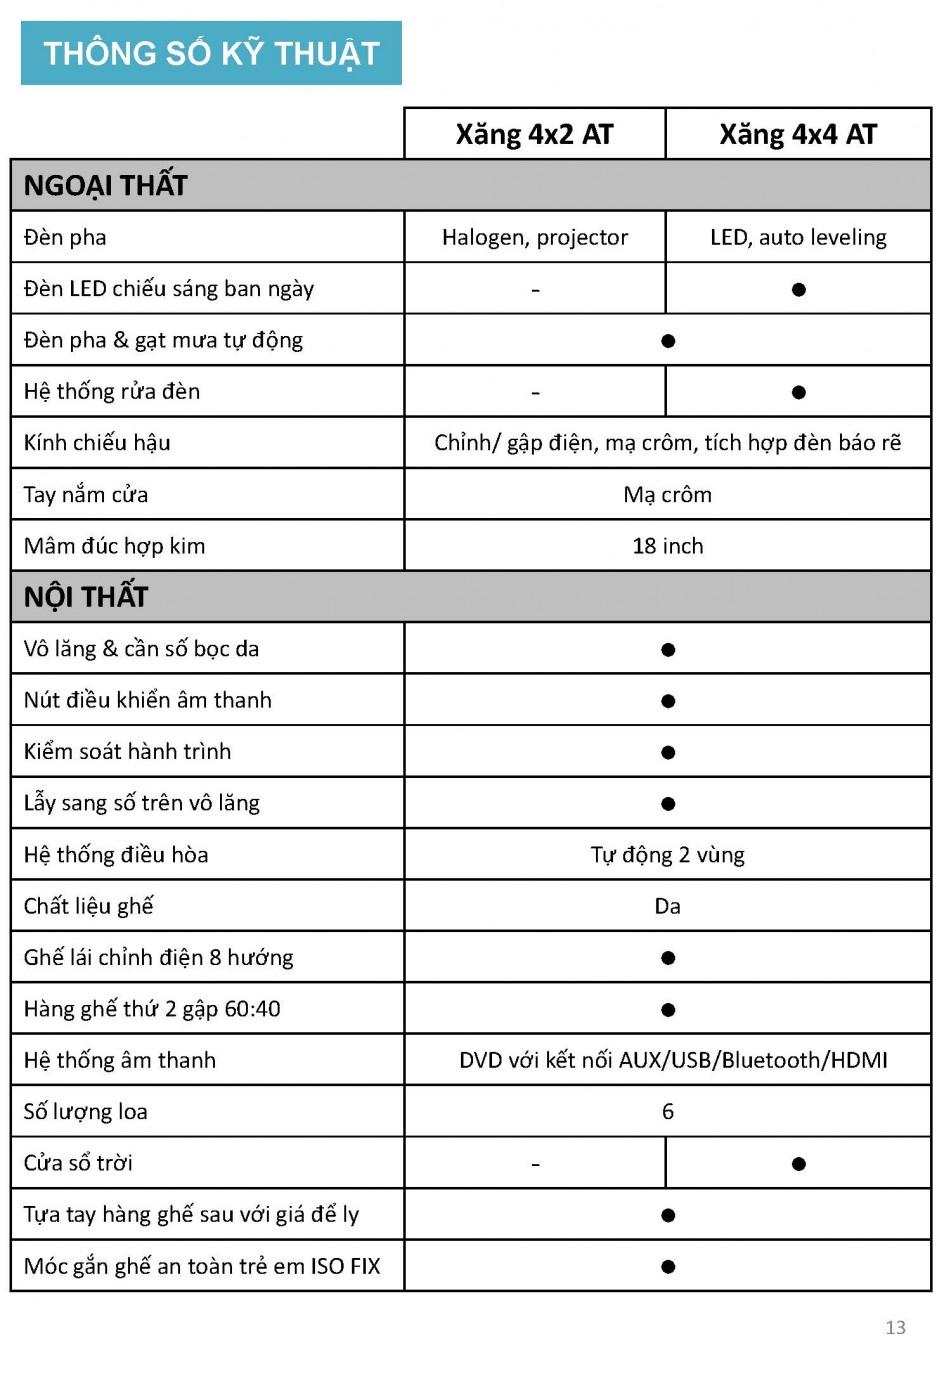 Tài-liệu-tư-vấn-bán-hàng-QX_10JAN2017_Page_13